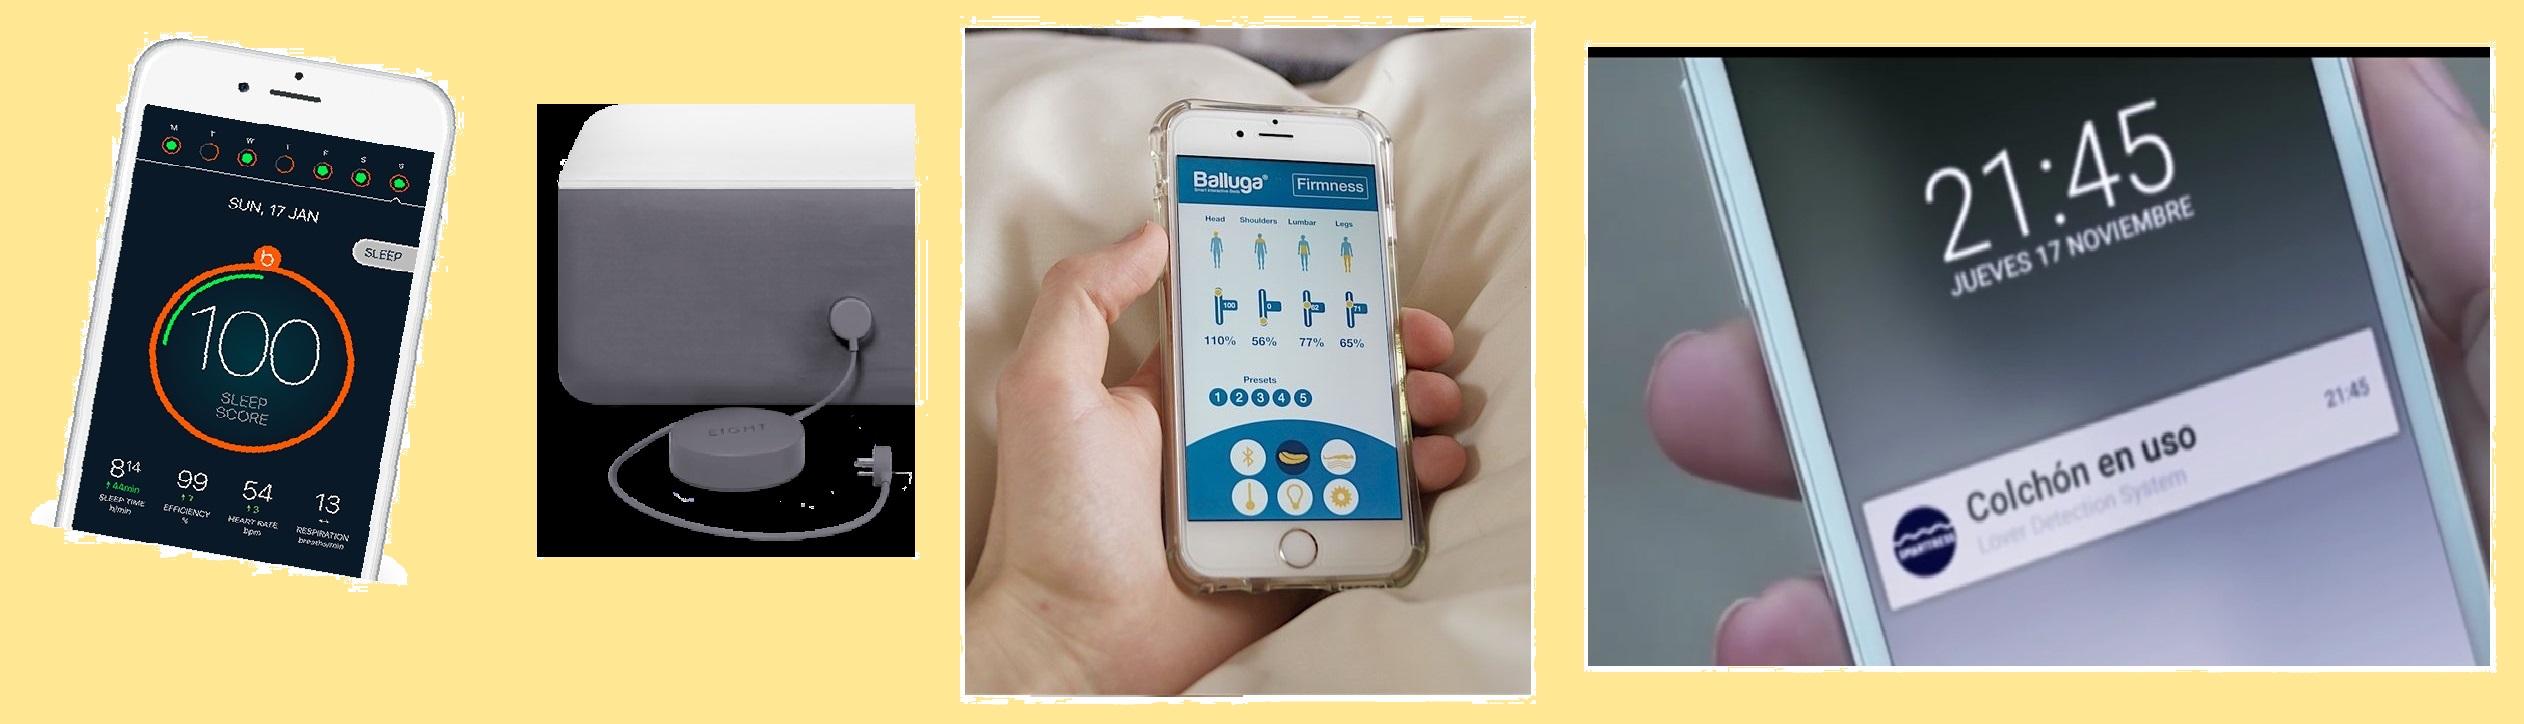 Smart Bed Controls